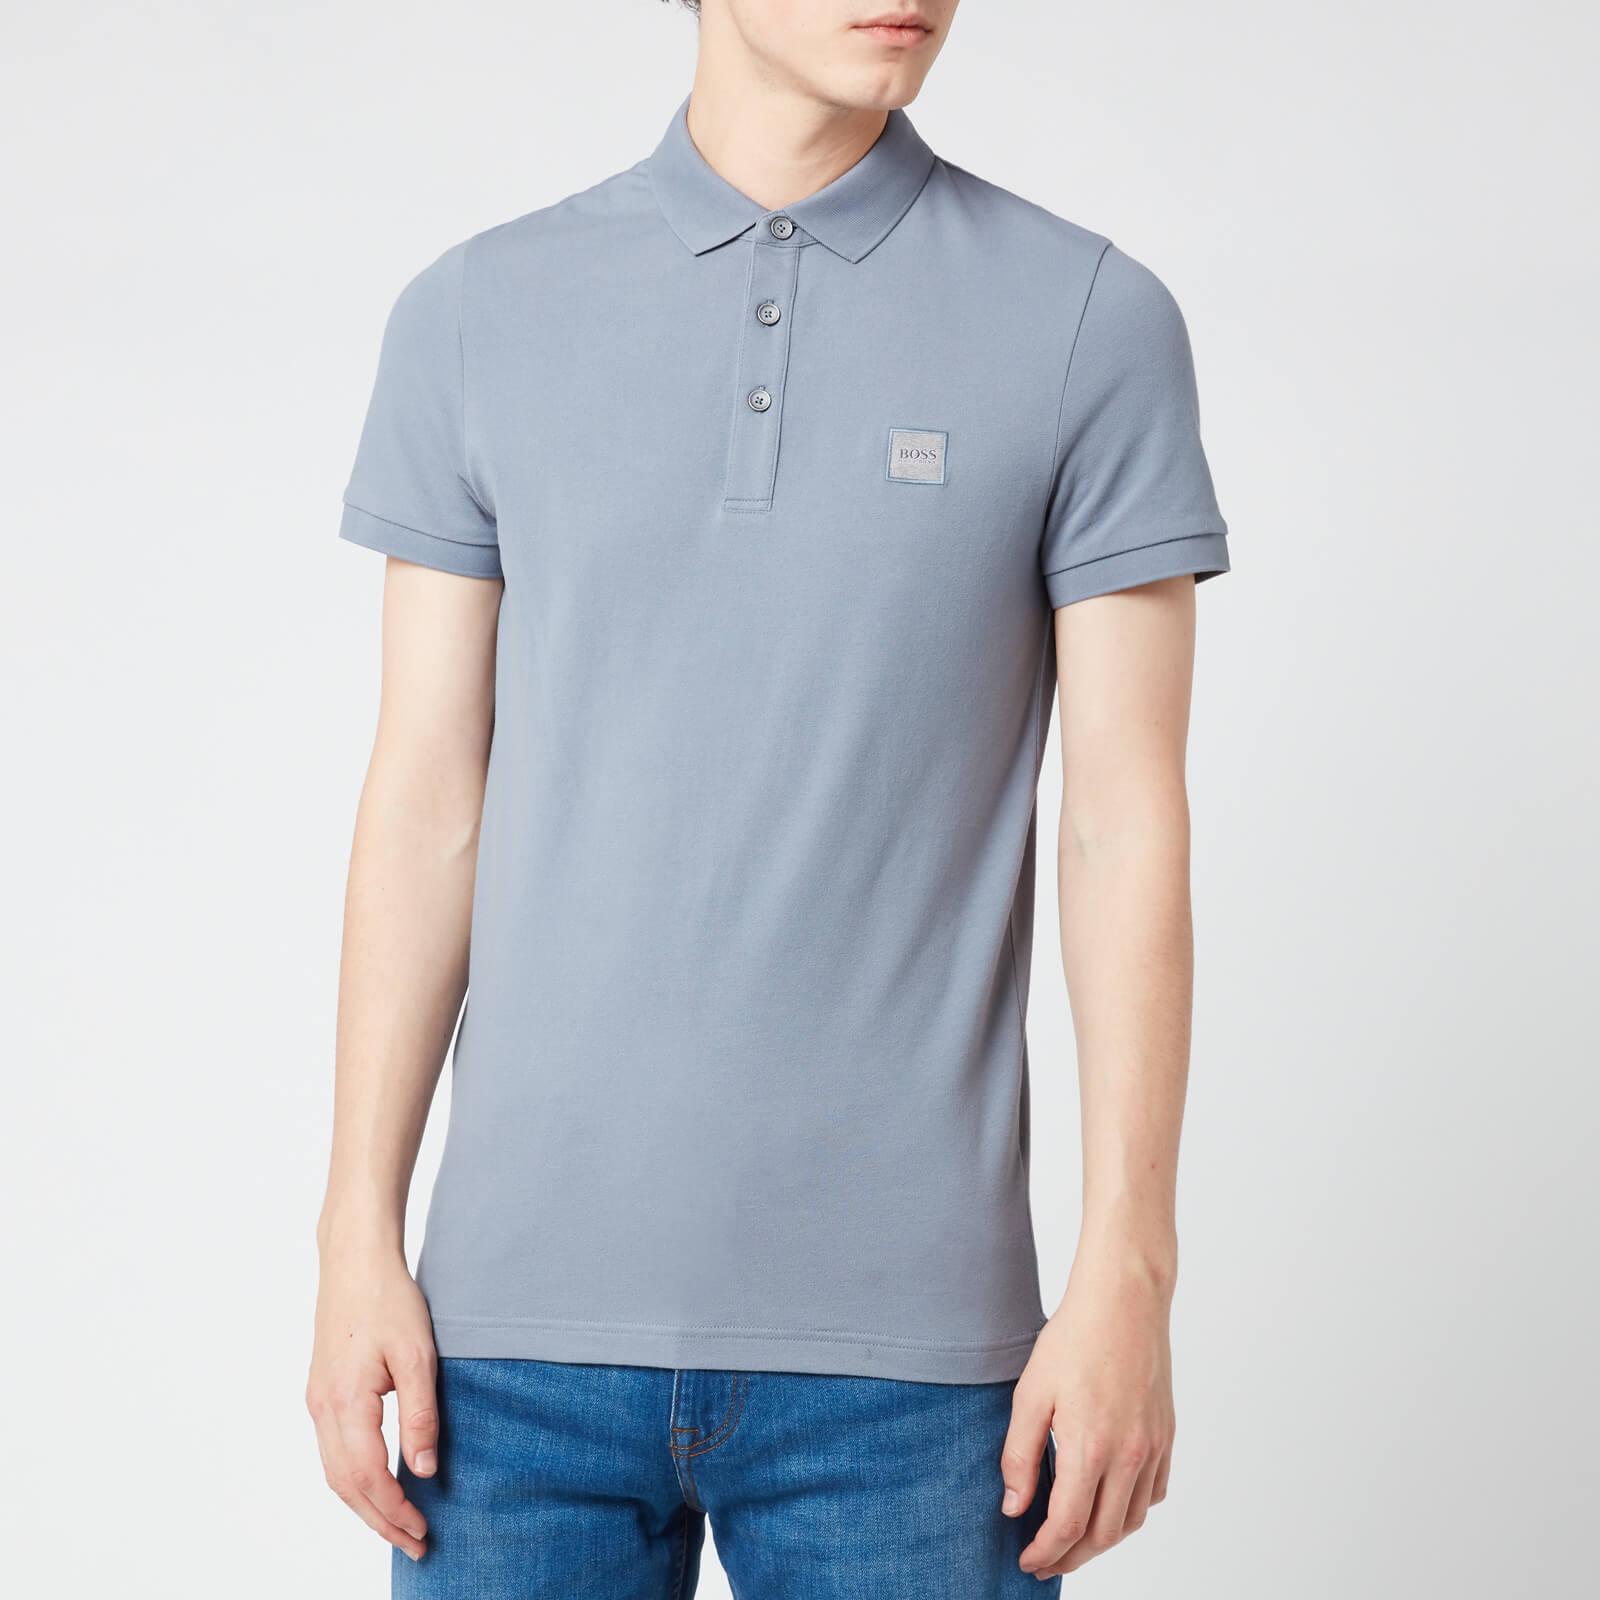 d30b9e6e1 BOSS Men's Passenger Polo Shirt - Open Blue Clothing | TheHut.com